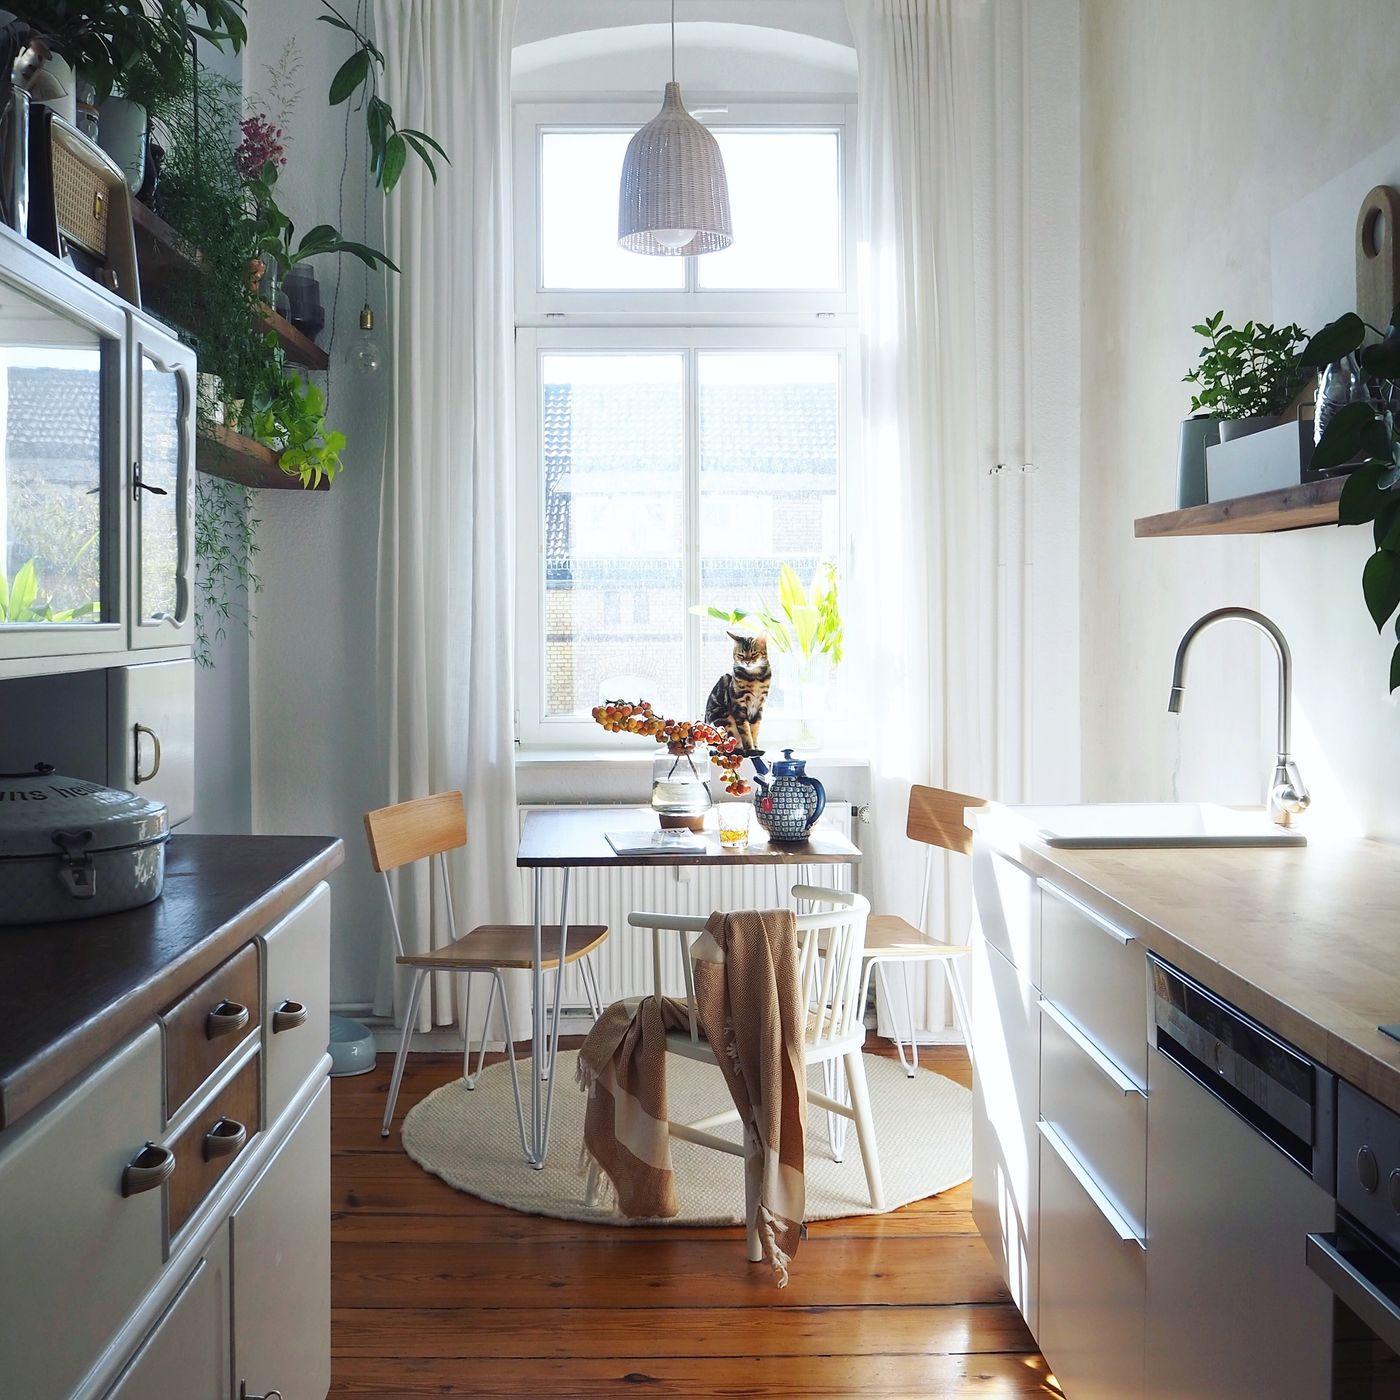 Full Size of Kleine Kchen Singlekchen Einrichten Küche Ohne Geräte Ikea Miniküche Einzelschränke Regal Küchen Günstige Mit E Geräten Modulküche Wohnzimmer Küche Kleiner Raum